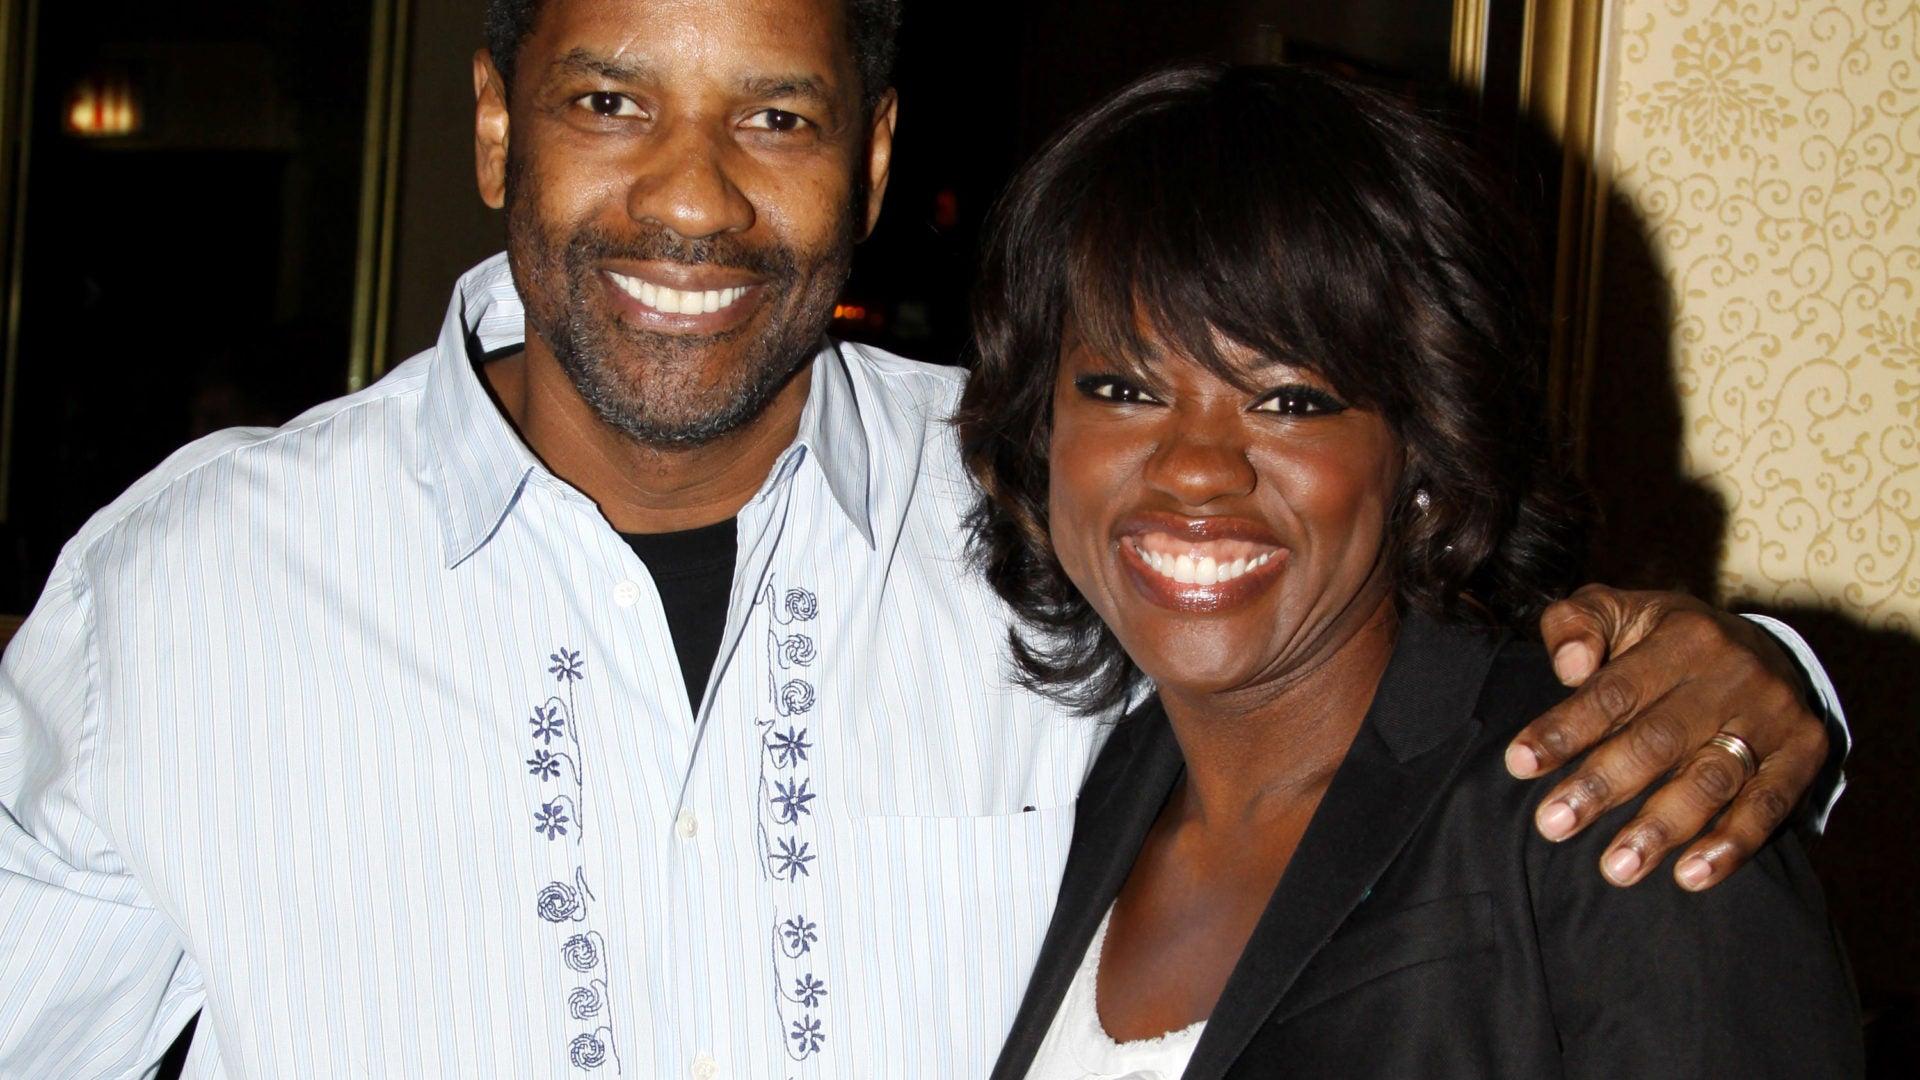 Viola Davis & Denzel Washington Stun In First Look Of 'Fences'